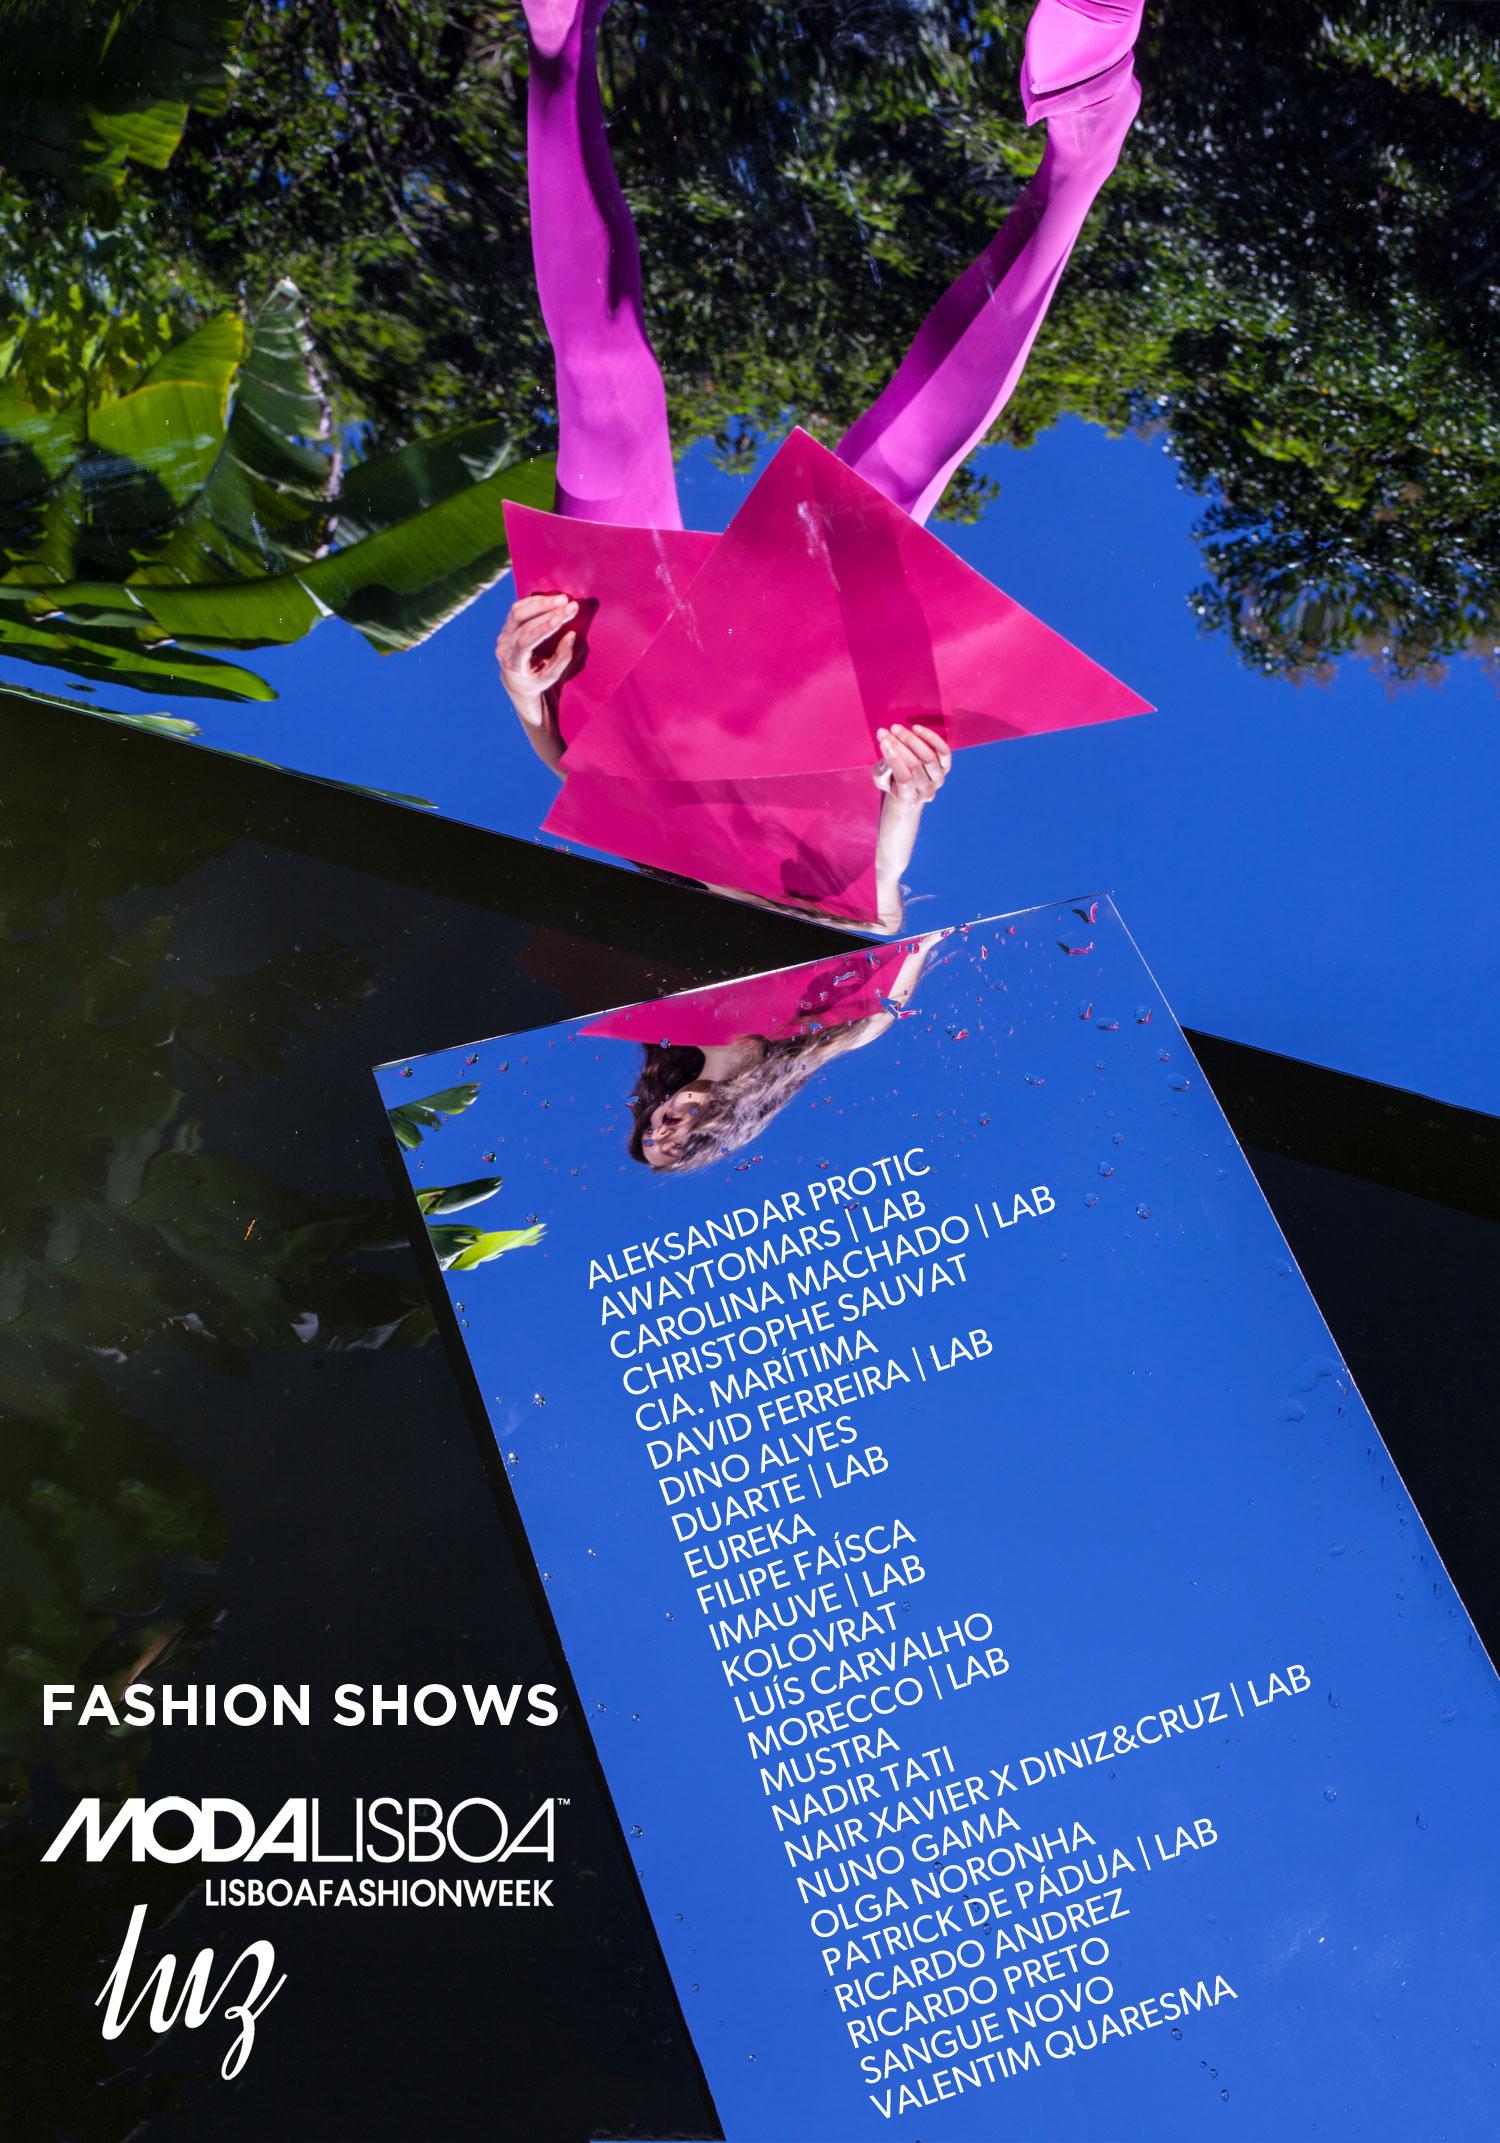 FashionShows3